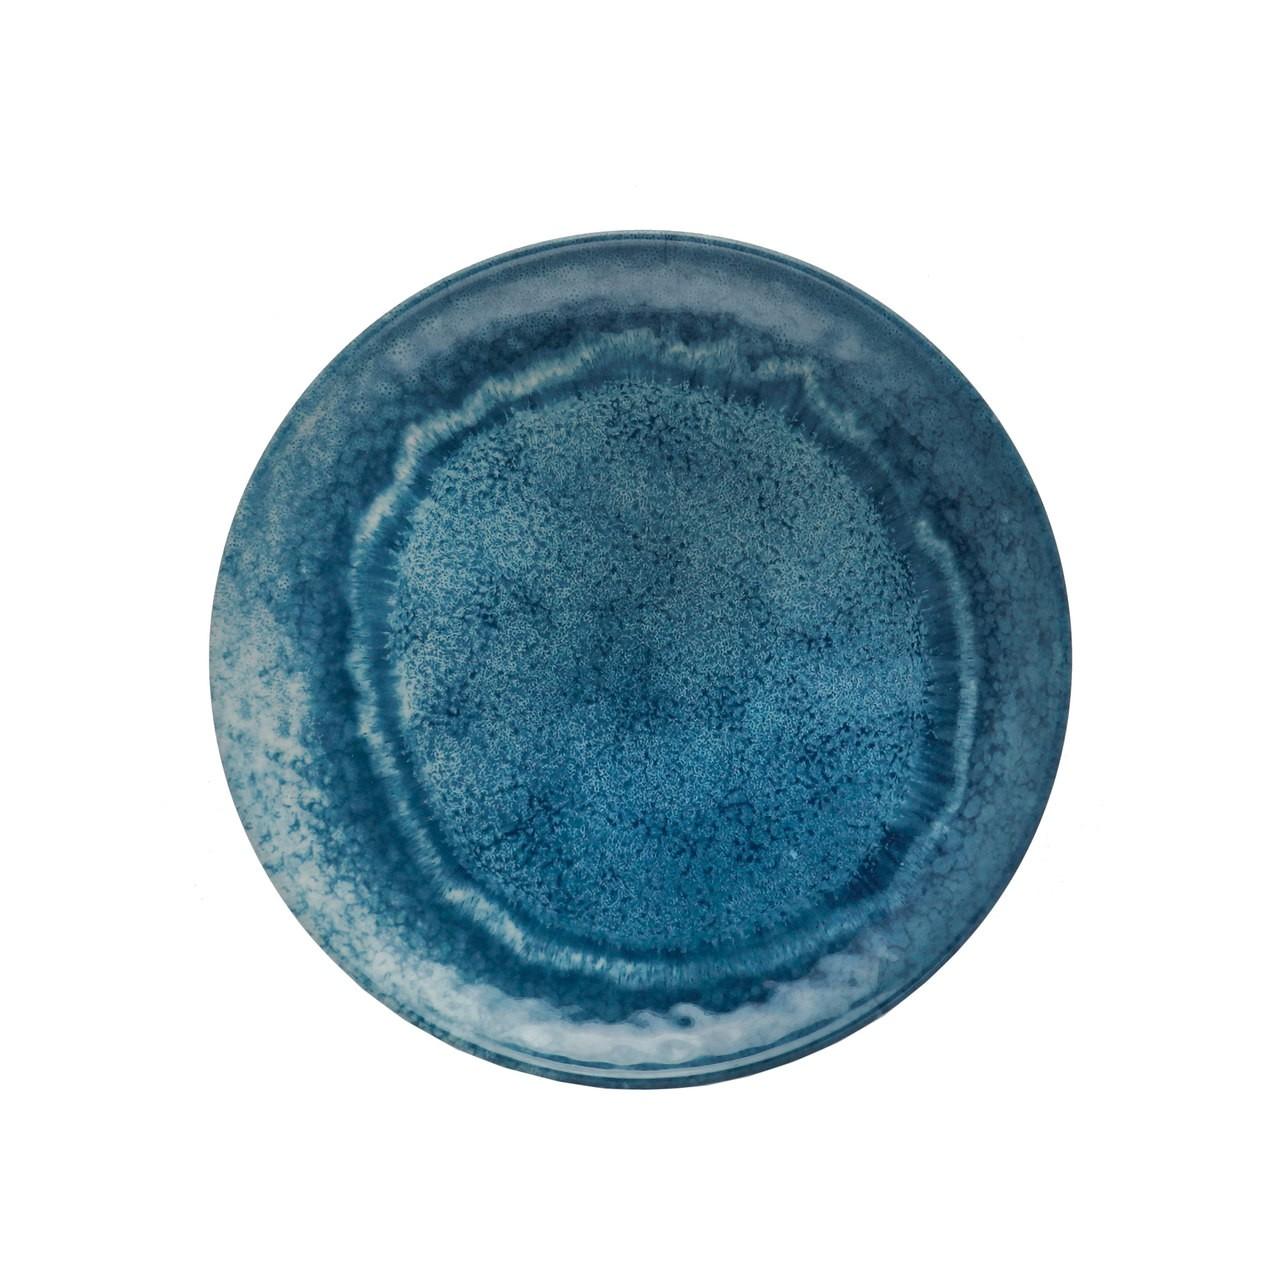 Jg 06 Pratos Sobremesa Aqua Azul de Melamina